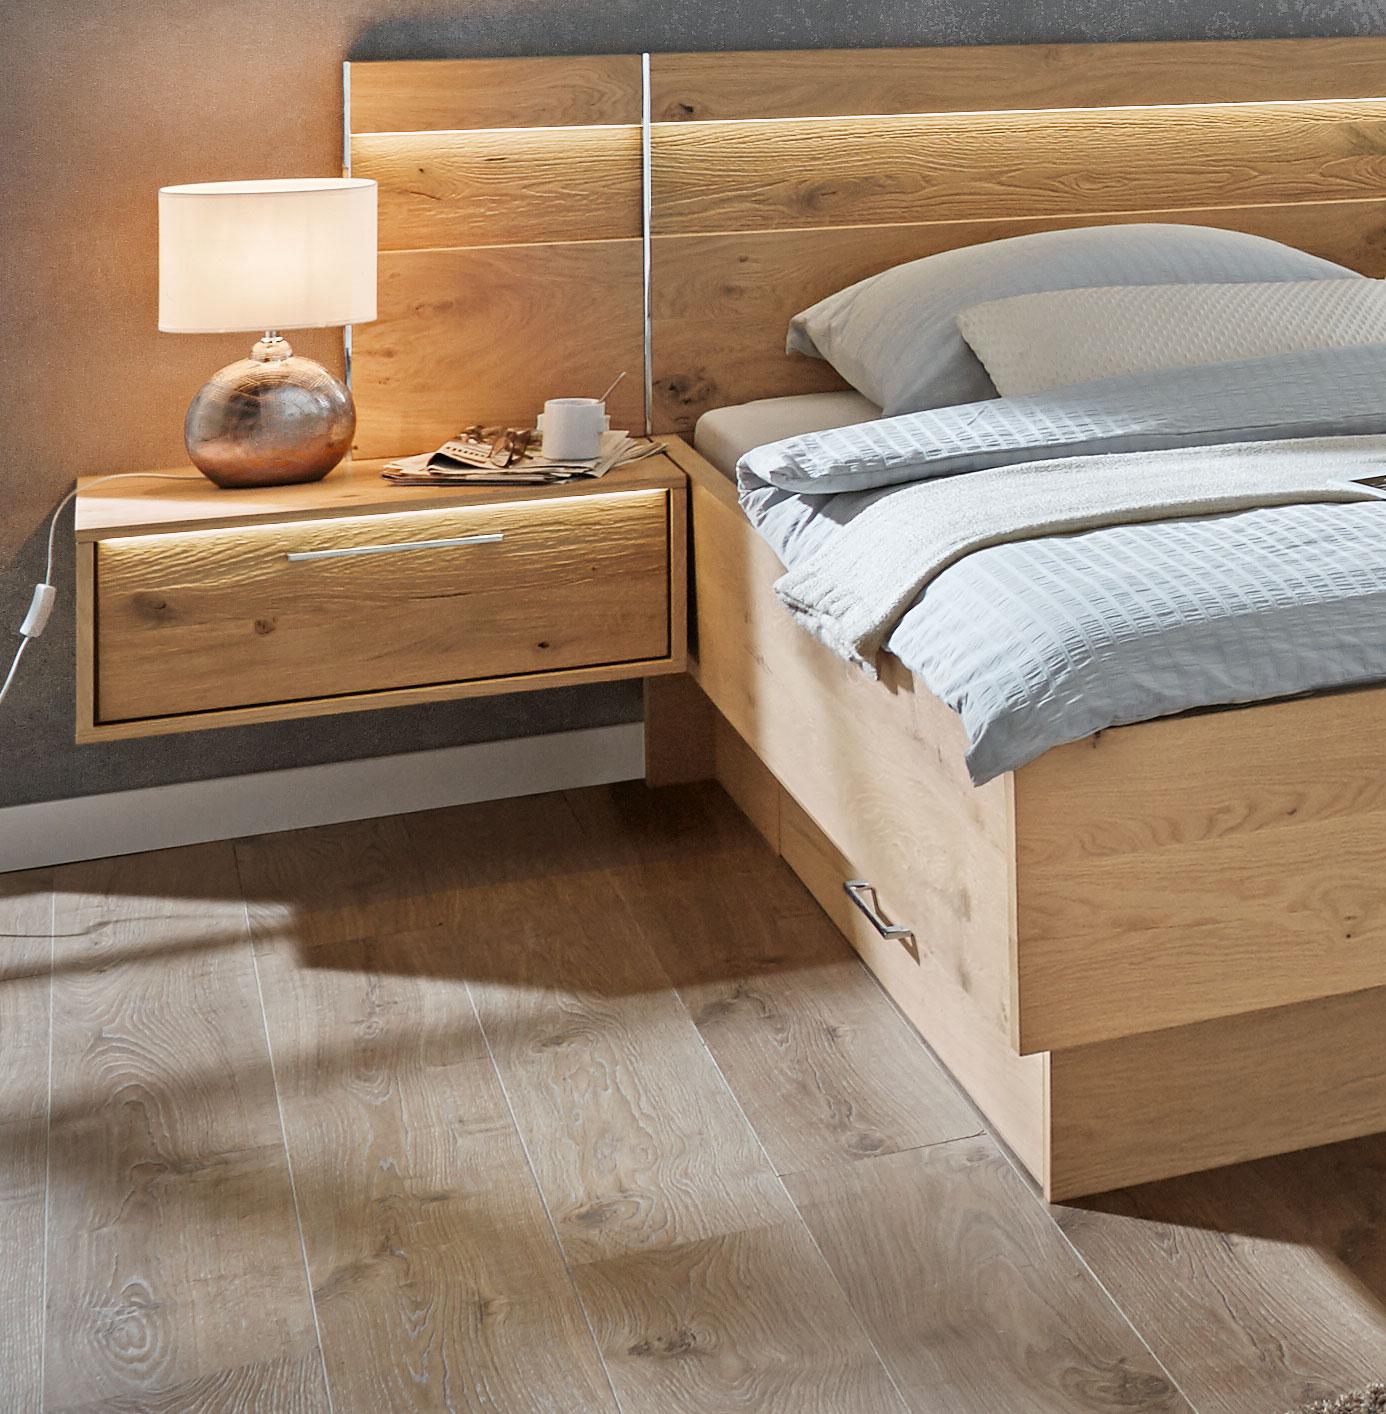 Schlafzimmer disselkamp wohndesign und inneneinrichtung - Inneneinrichtung schlafzimmer ...